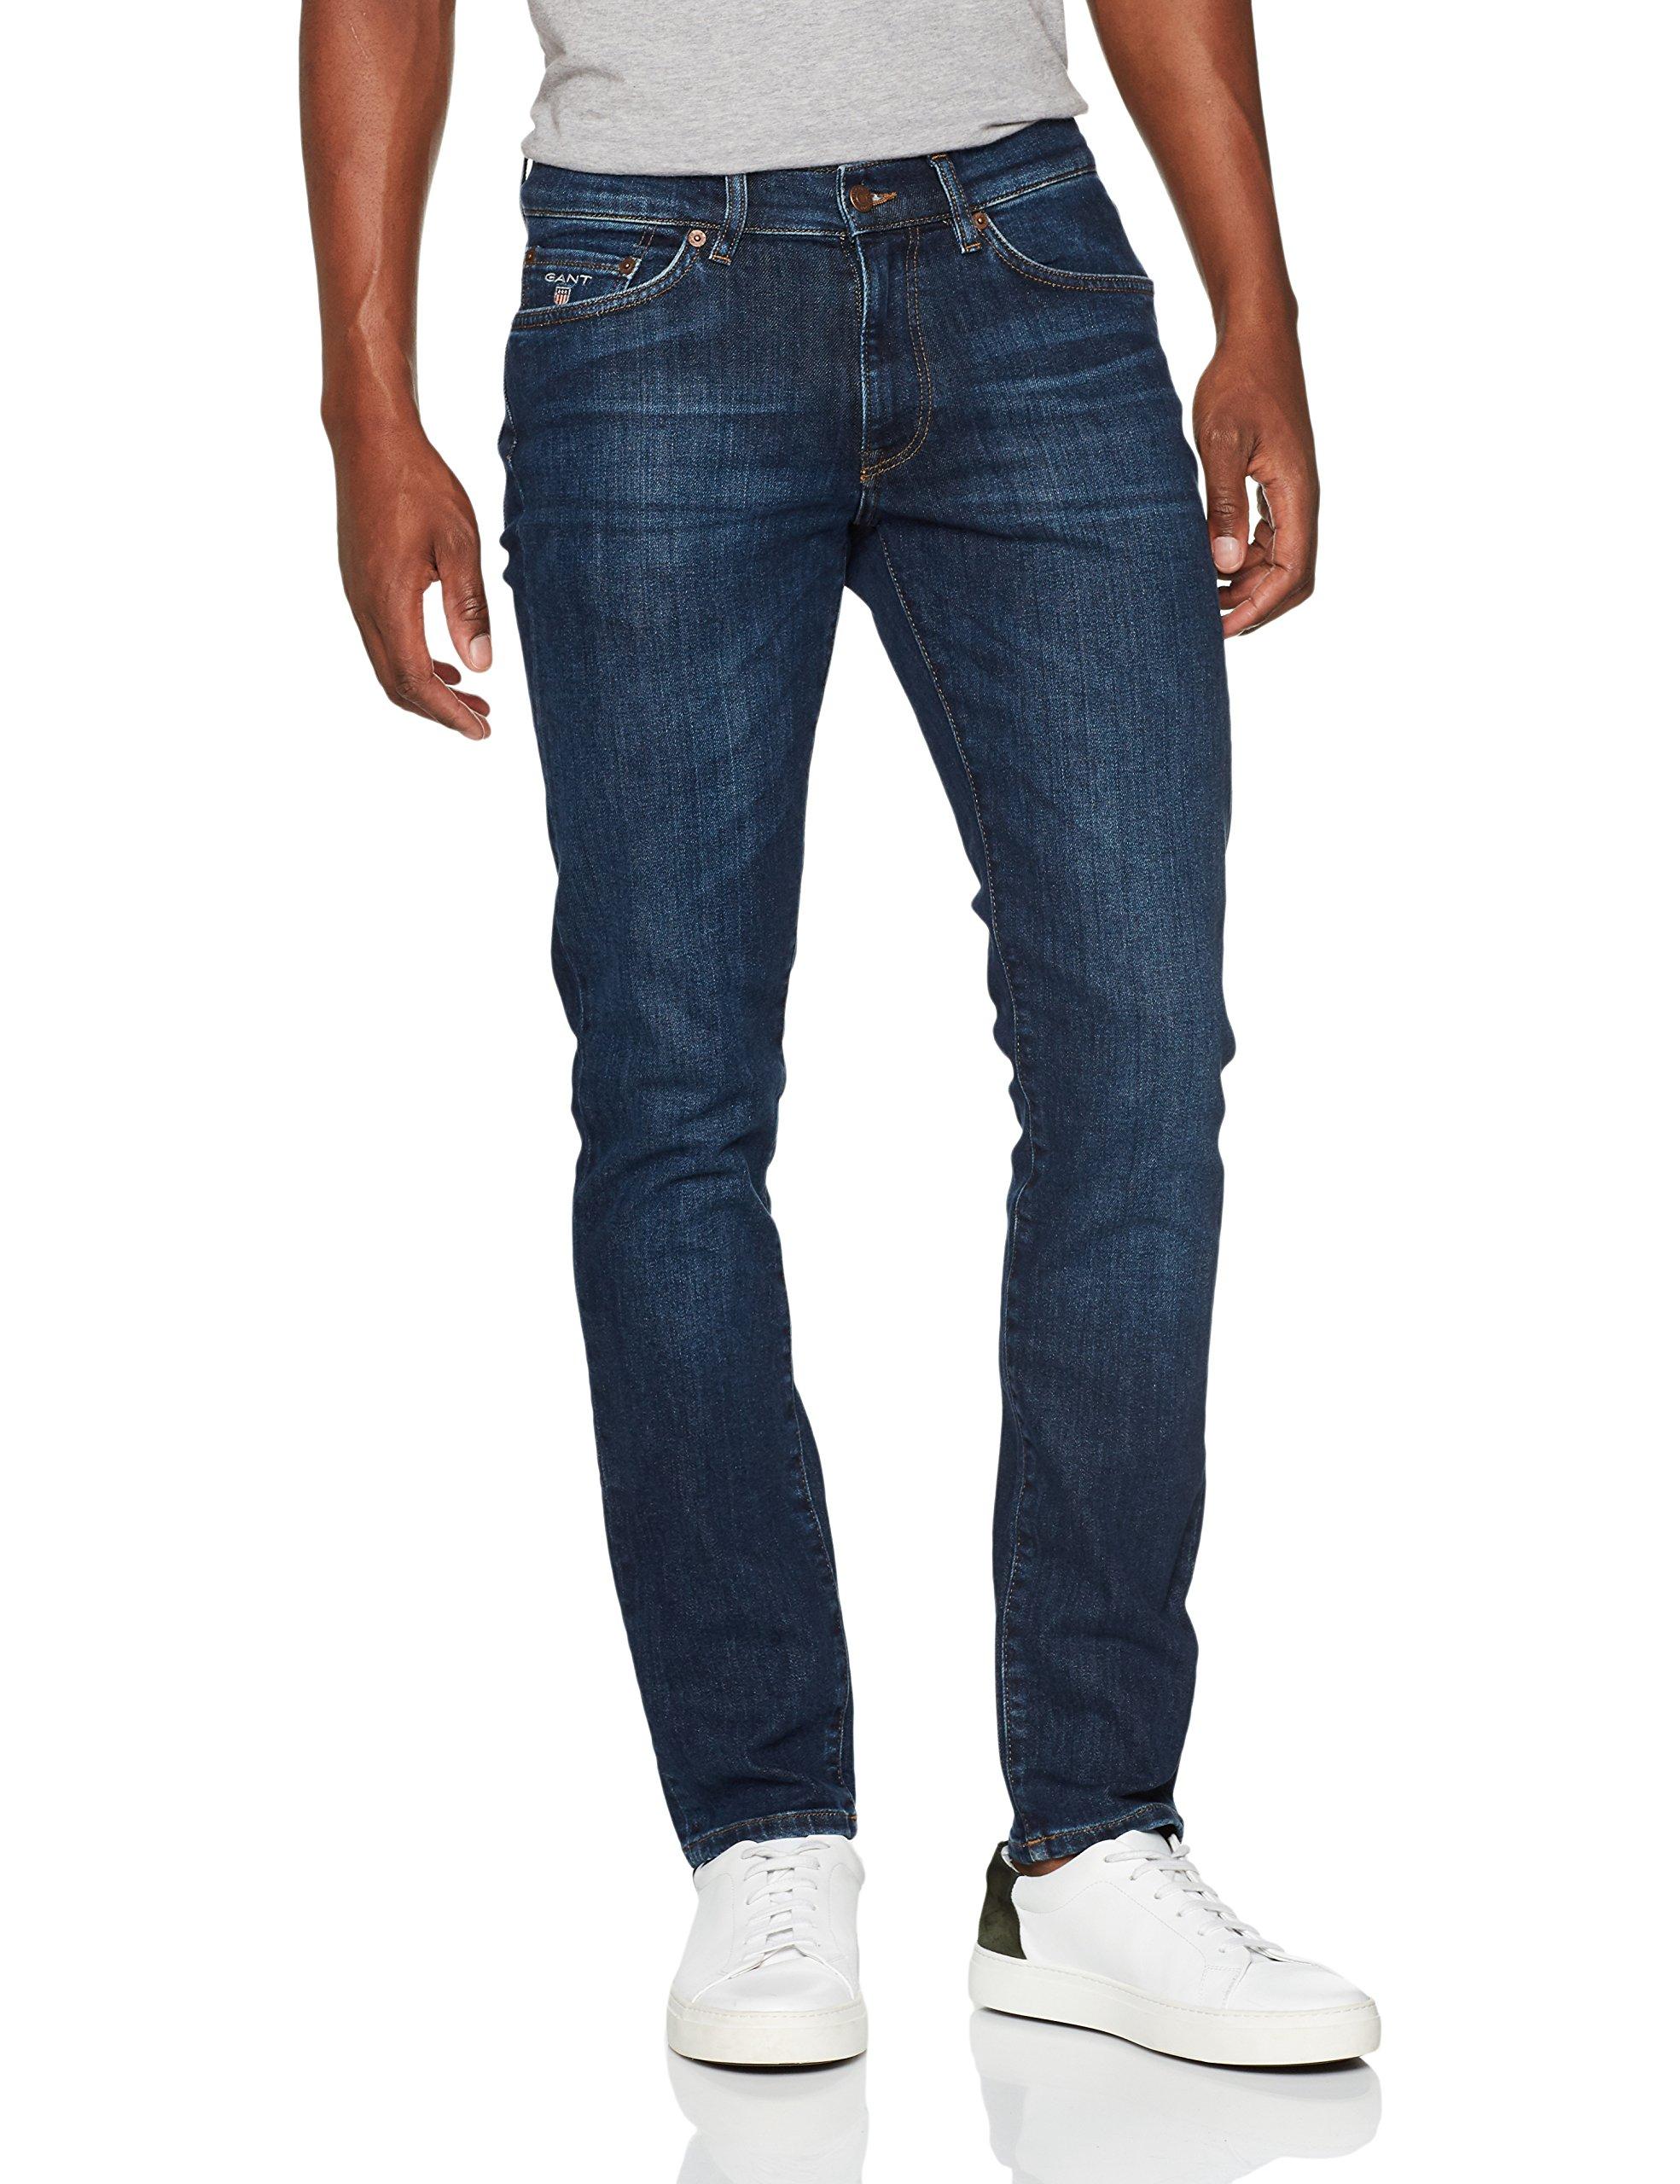 Straight Gant Blue l30taille Slim Jeans Fabricant3830Homme DroitBleudark InW38 Worn QBEroeCxWd